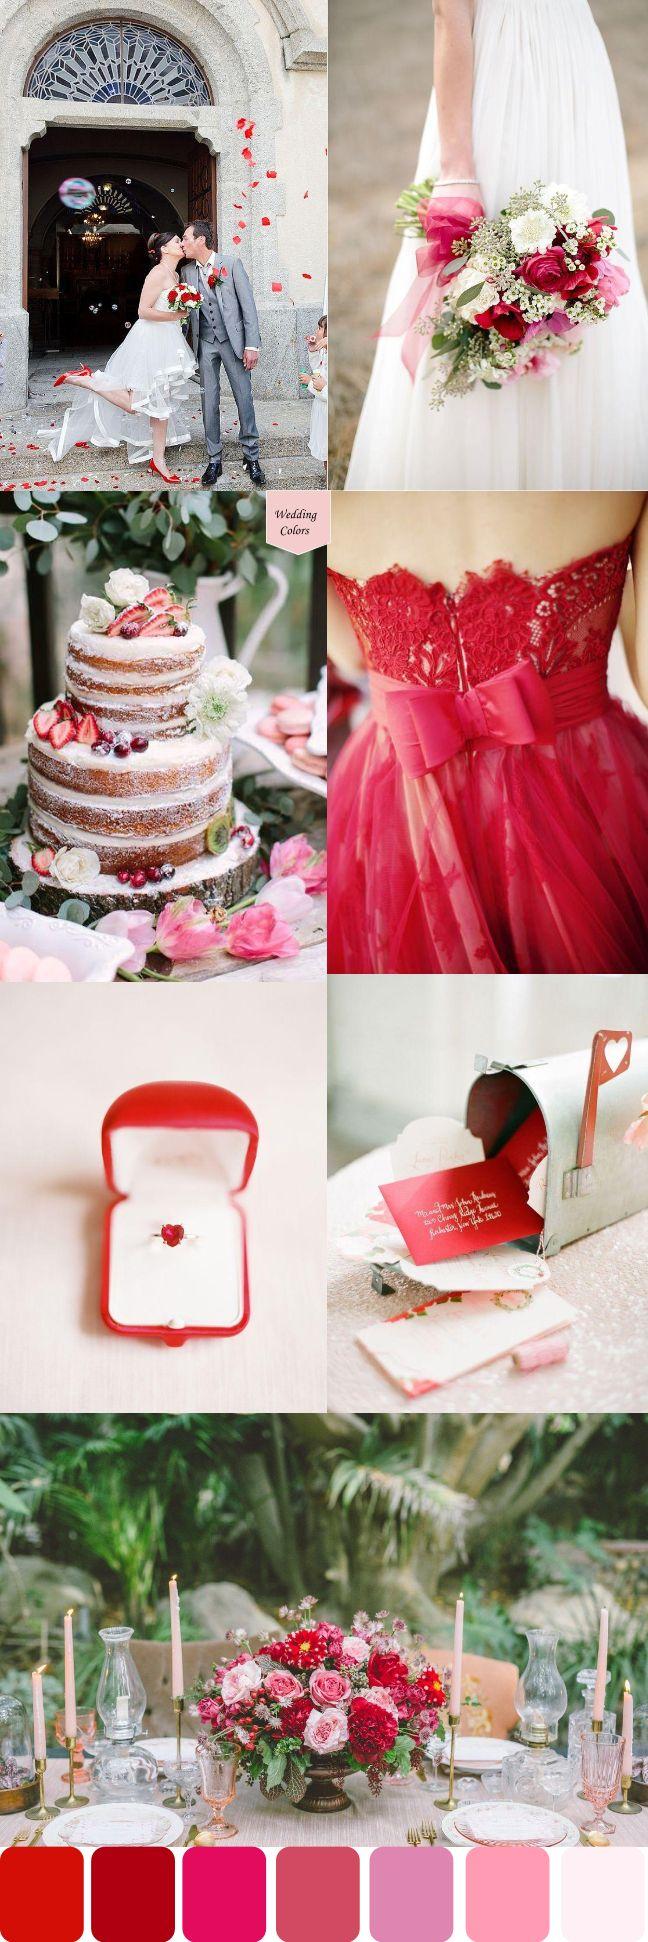 Red & Pink Valentines Inspired Wedding Palette